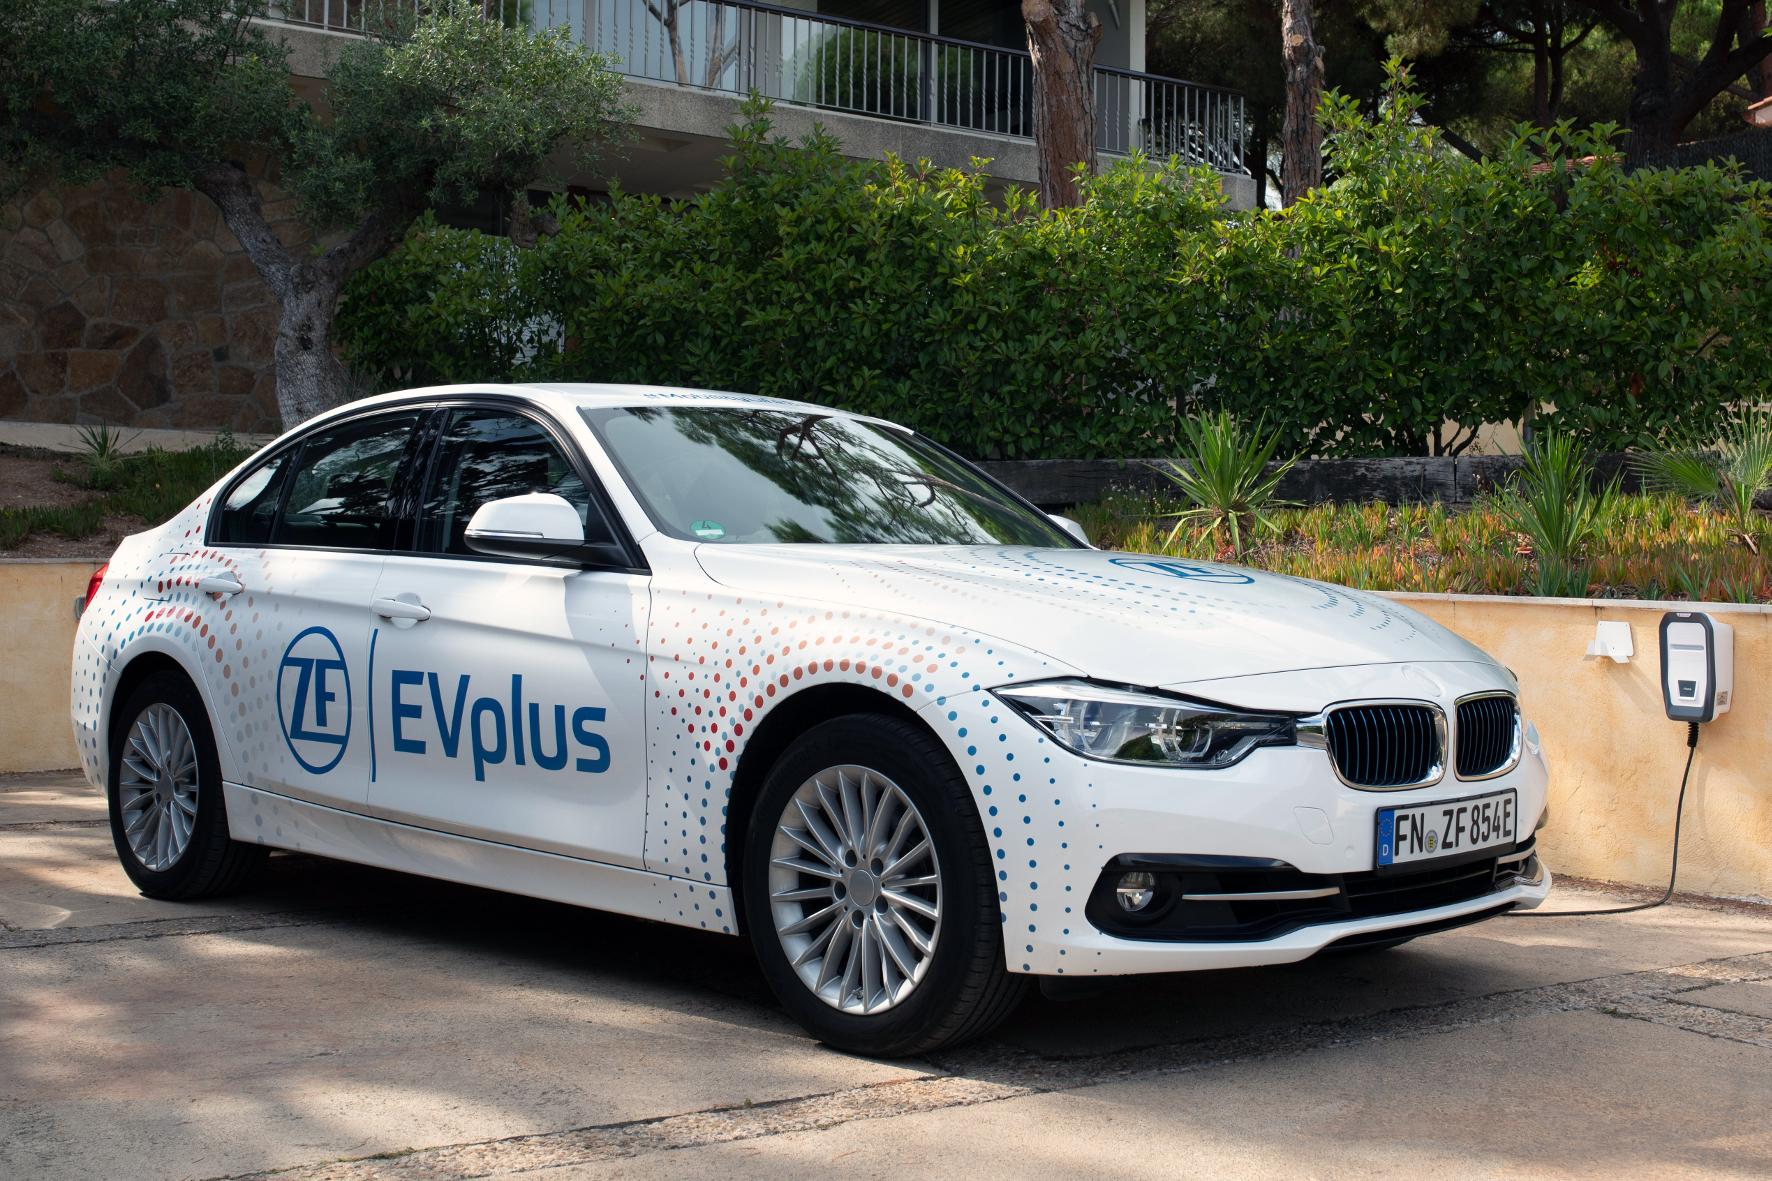 mid Groß-Gerau - ZF EVplus macht aus dem PHEV das E-Auto für alle Fälle. Das ZF-Konzeptfahrzeug fährt mehr als 100 Kilometer rein elektrisch mit einer Batterieladung. ZF